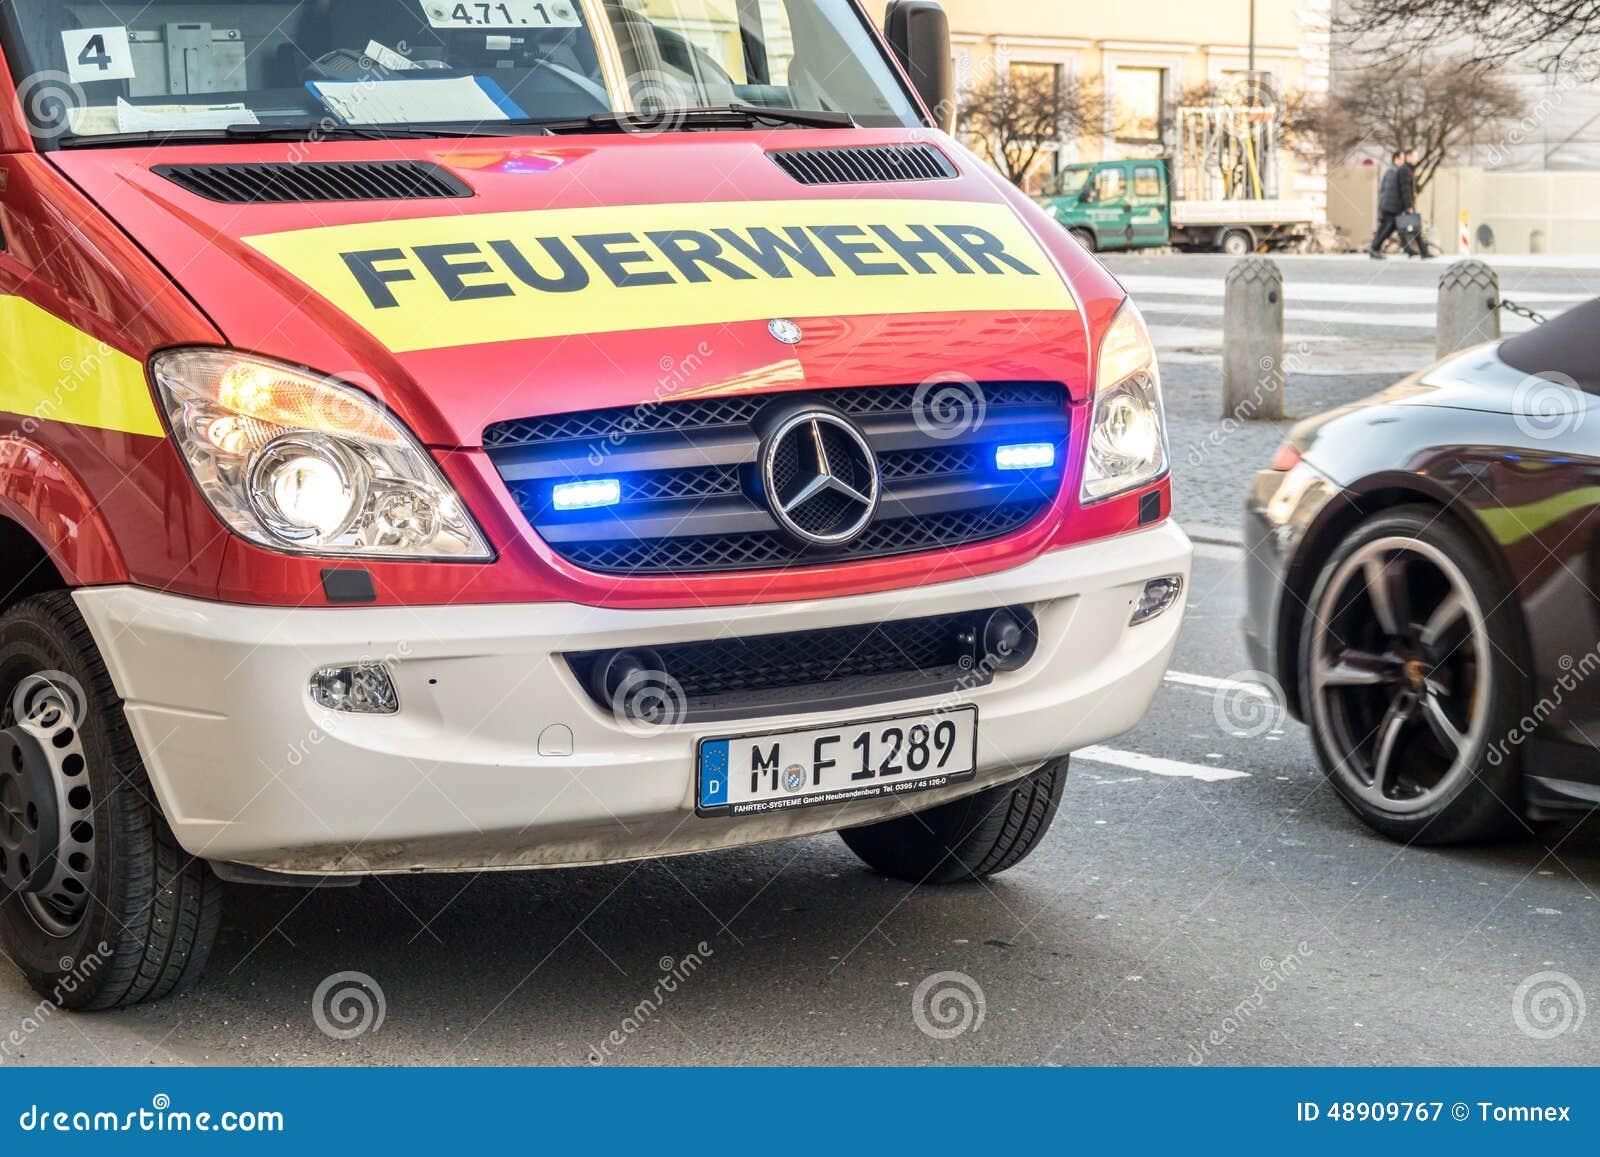 Niemiecka jednostka straży pożarnej